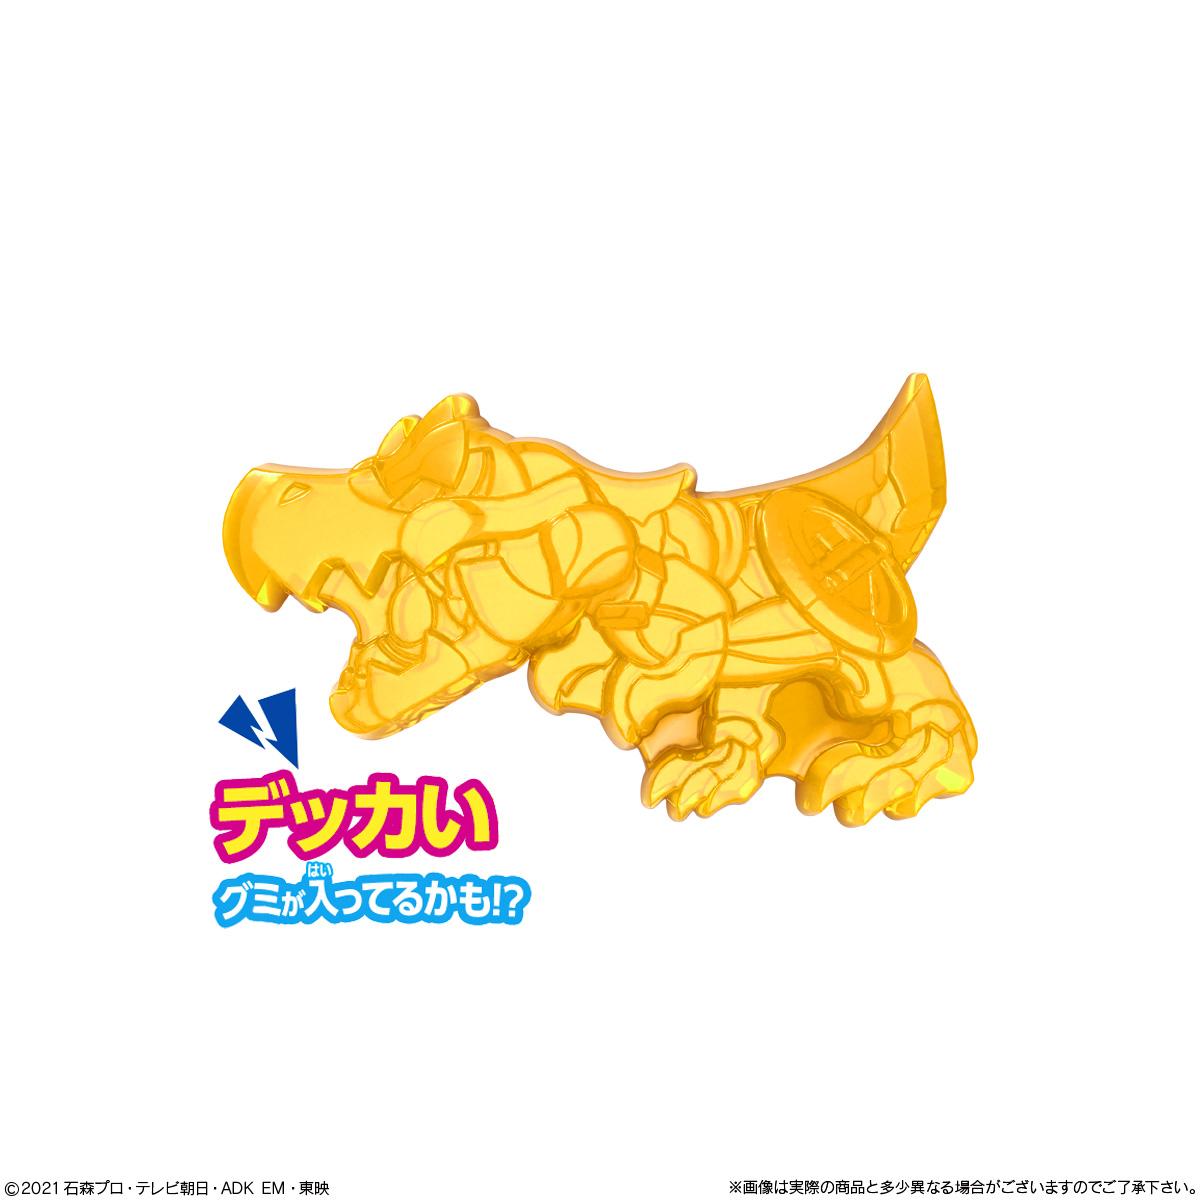 仮面ライダーリバイス リミックスフルーツグミ_1